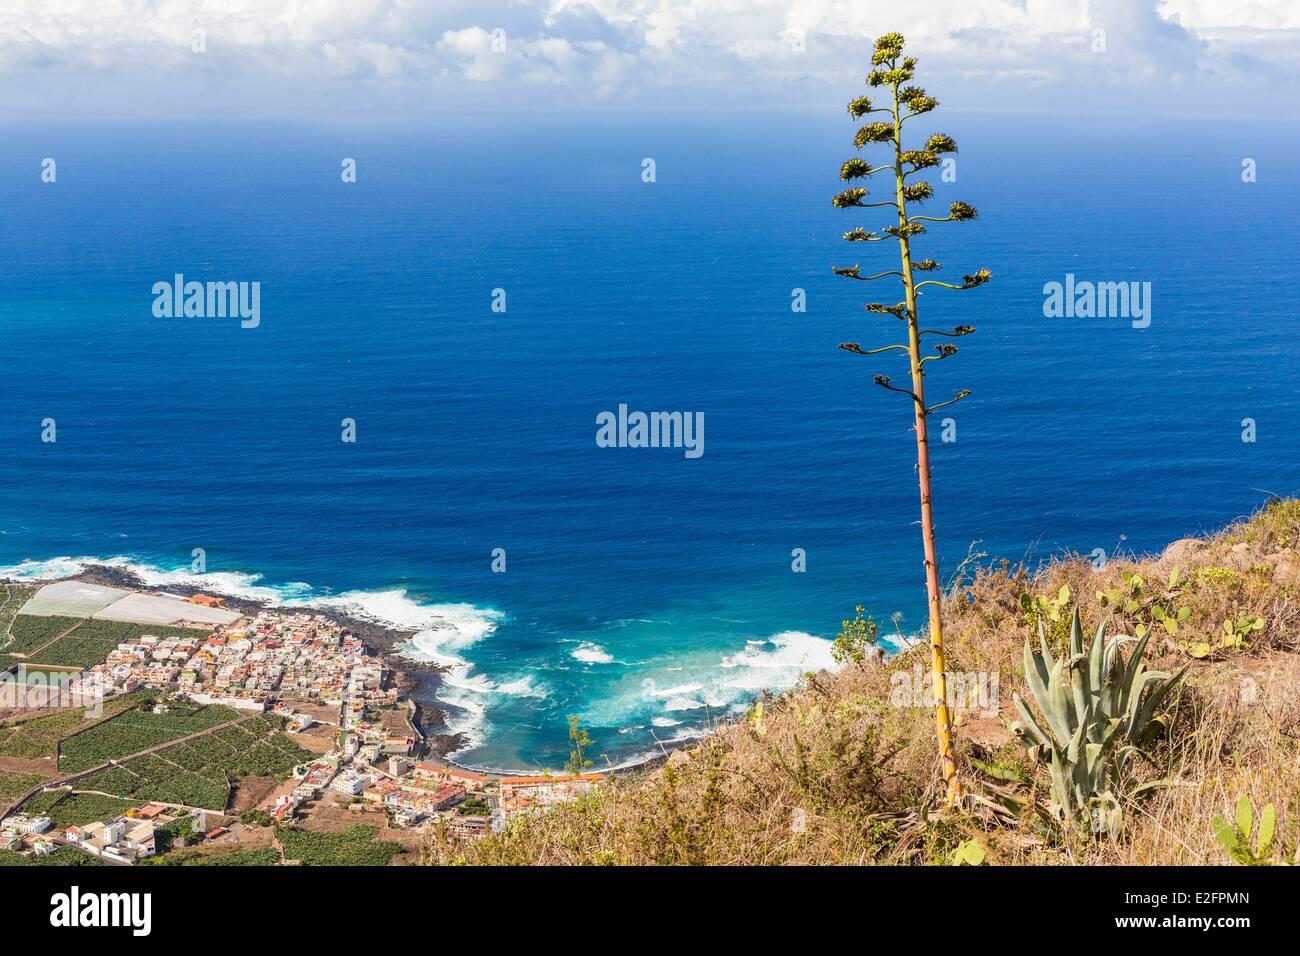 Spanien Kanaren Teneriffa Insel Adeje amerikanische Agave mit im Hintergrund La Caleta und Banane Stockbild